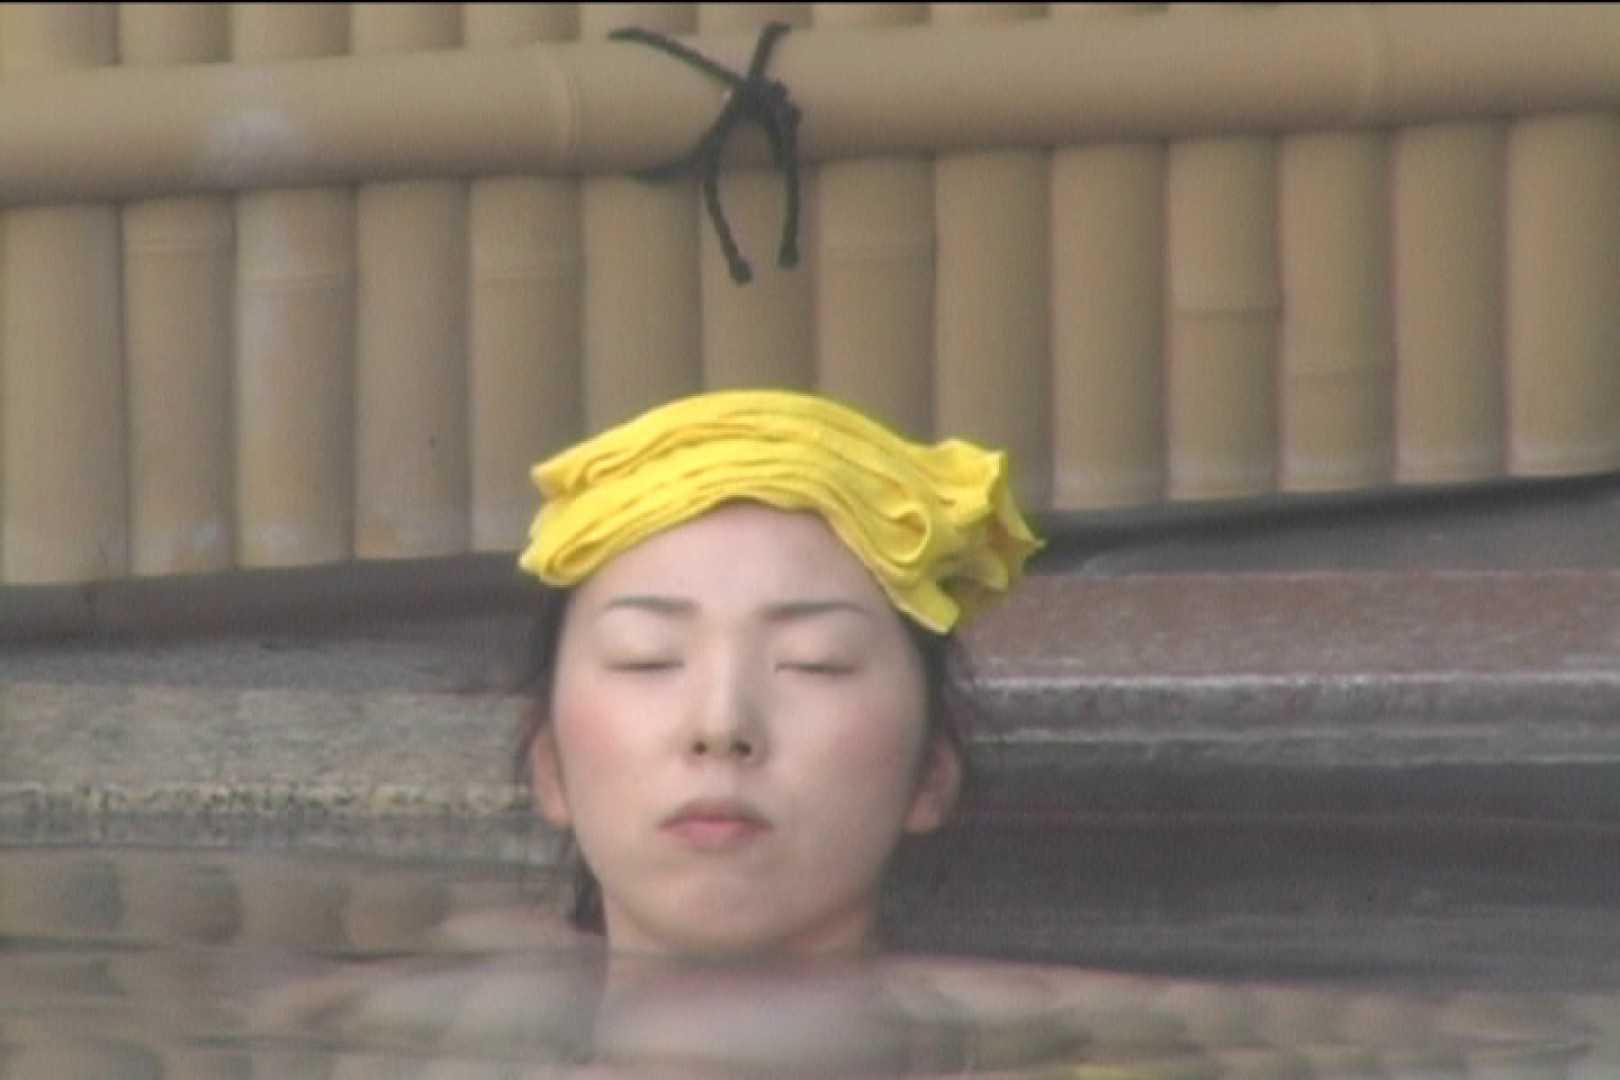 Aquaな露天風呂Vol.529 盗撮シリーズ  106PIX 18